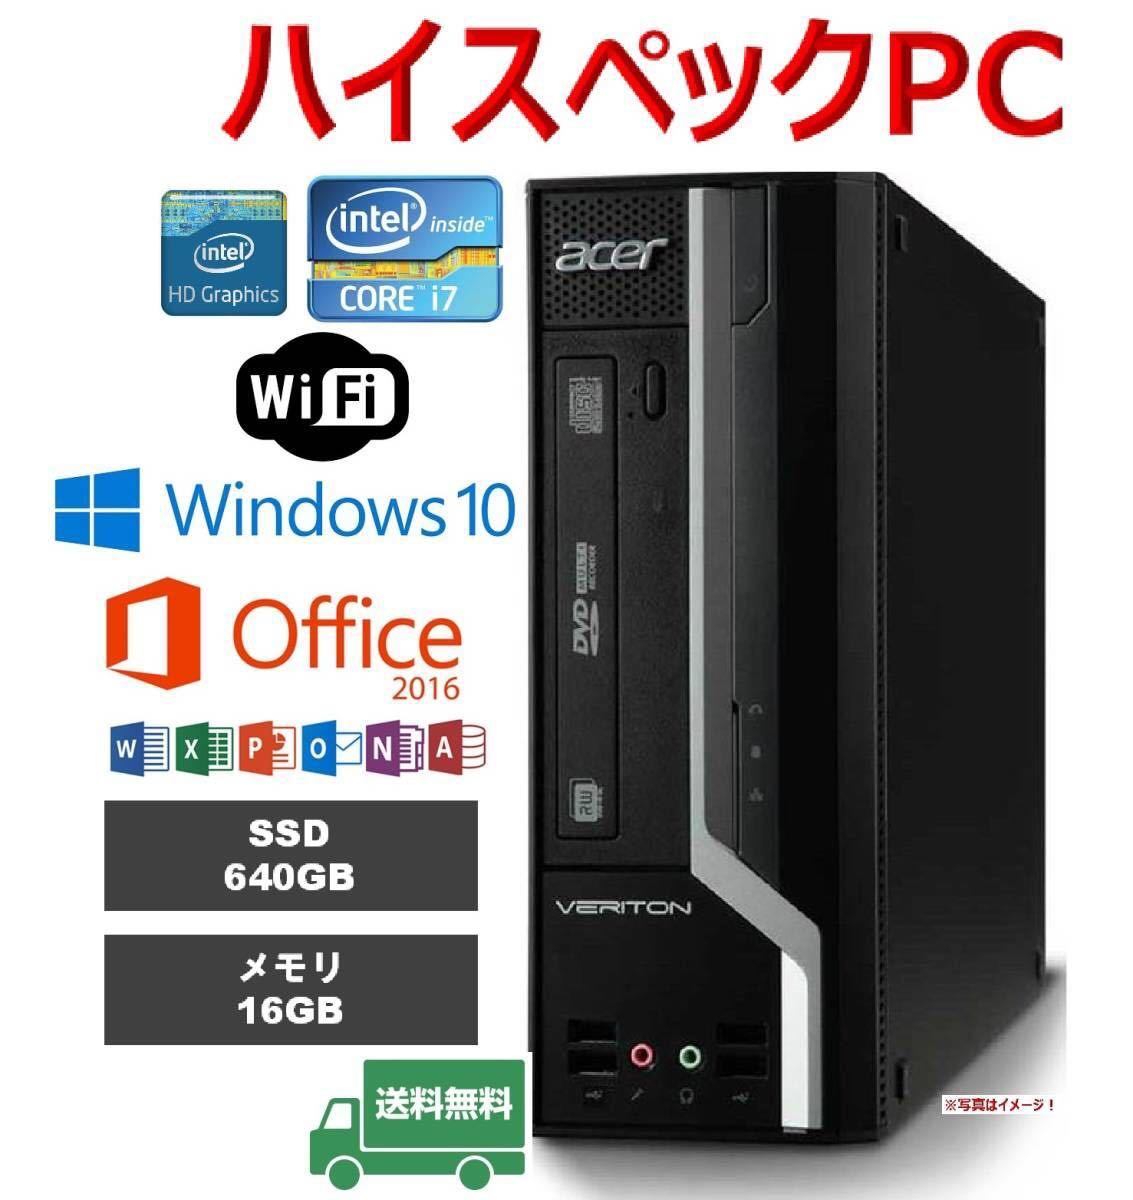 ★超高速小型★Core i7 3.8GHz x 8★新品SSD640GB★メモリ16GB★無線LAN★静音★最新Win1